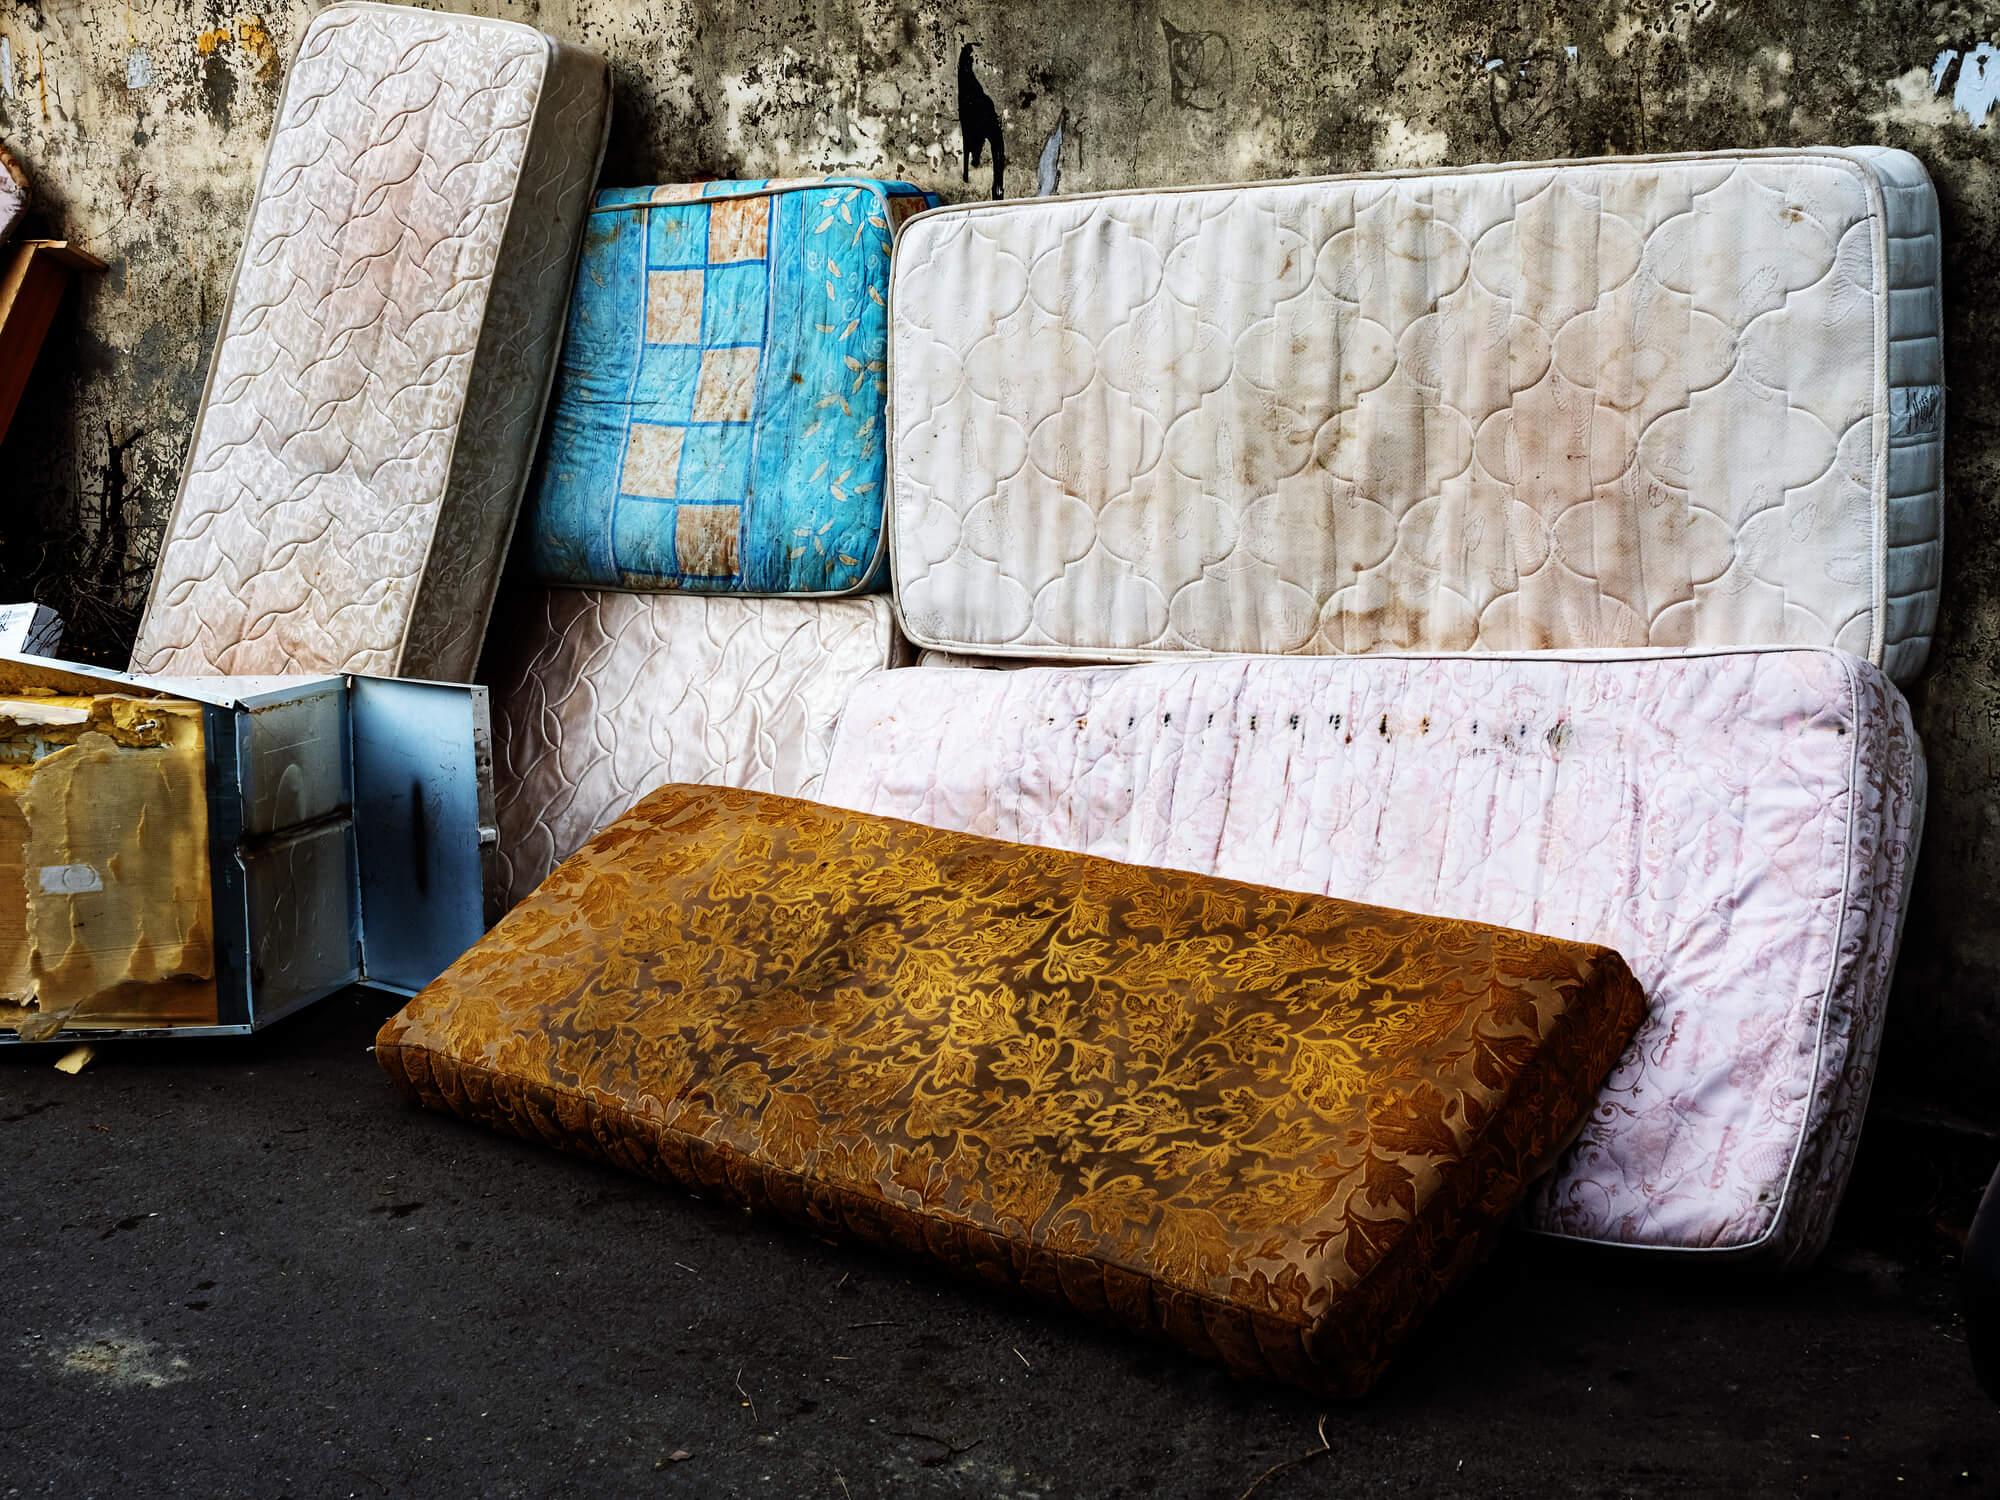 matras recyclen of doneren